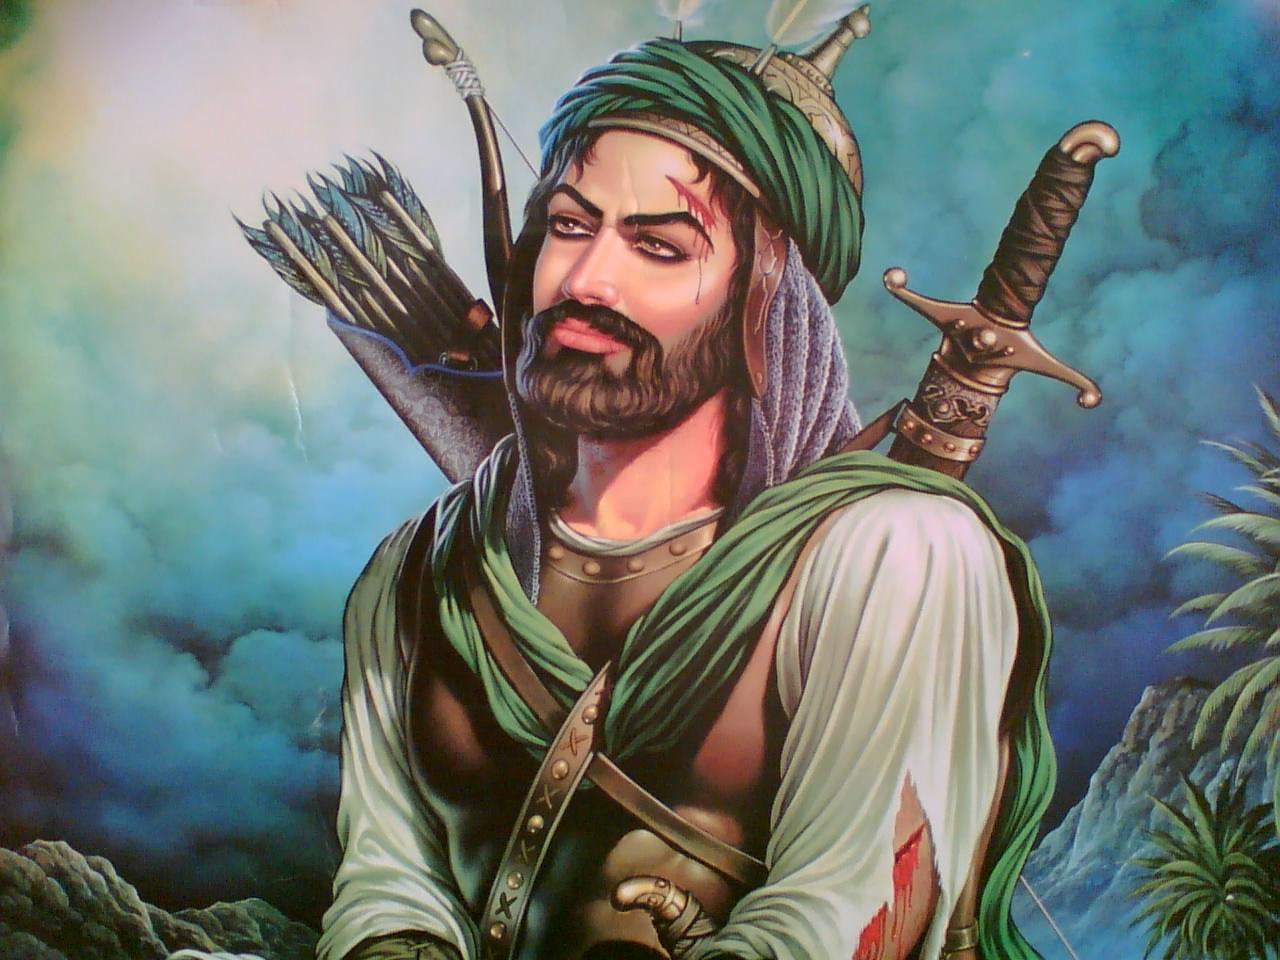 عکس حضرت ابوالفضل برای پروفایل , عکس حضرت ابوالفضل دانلود , عکس حضرت عباس برای پروفایل